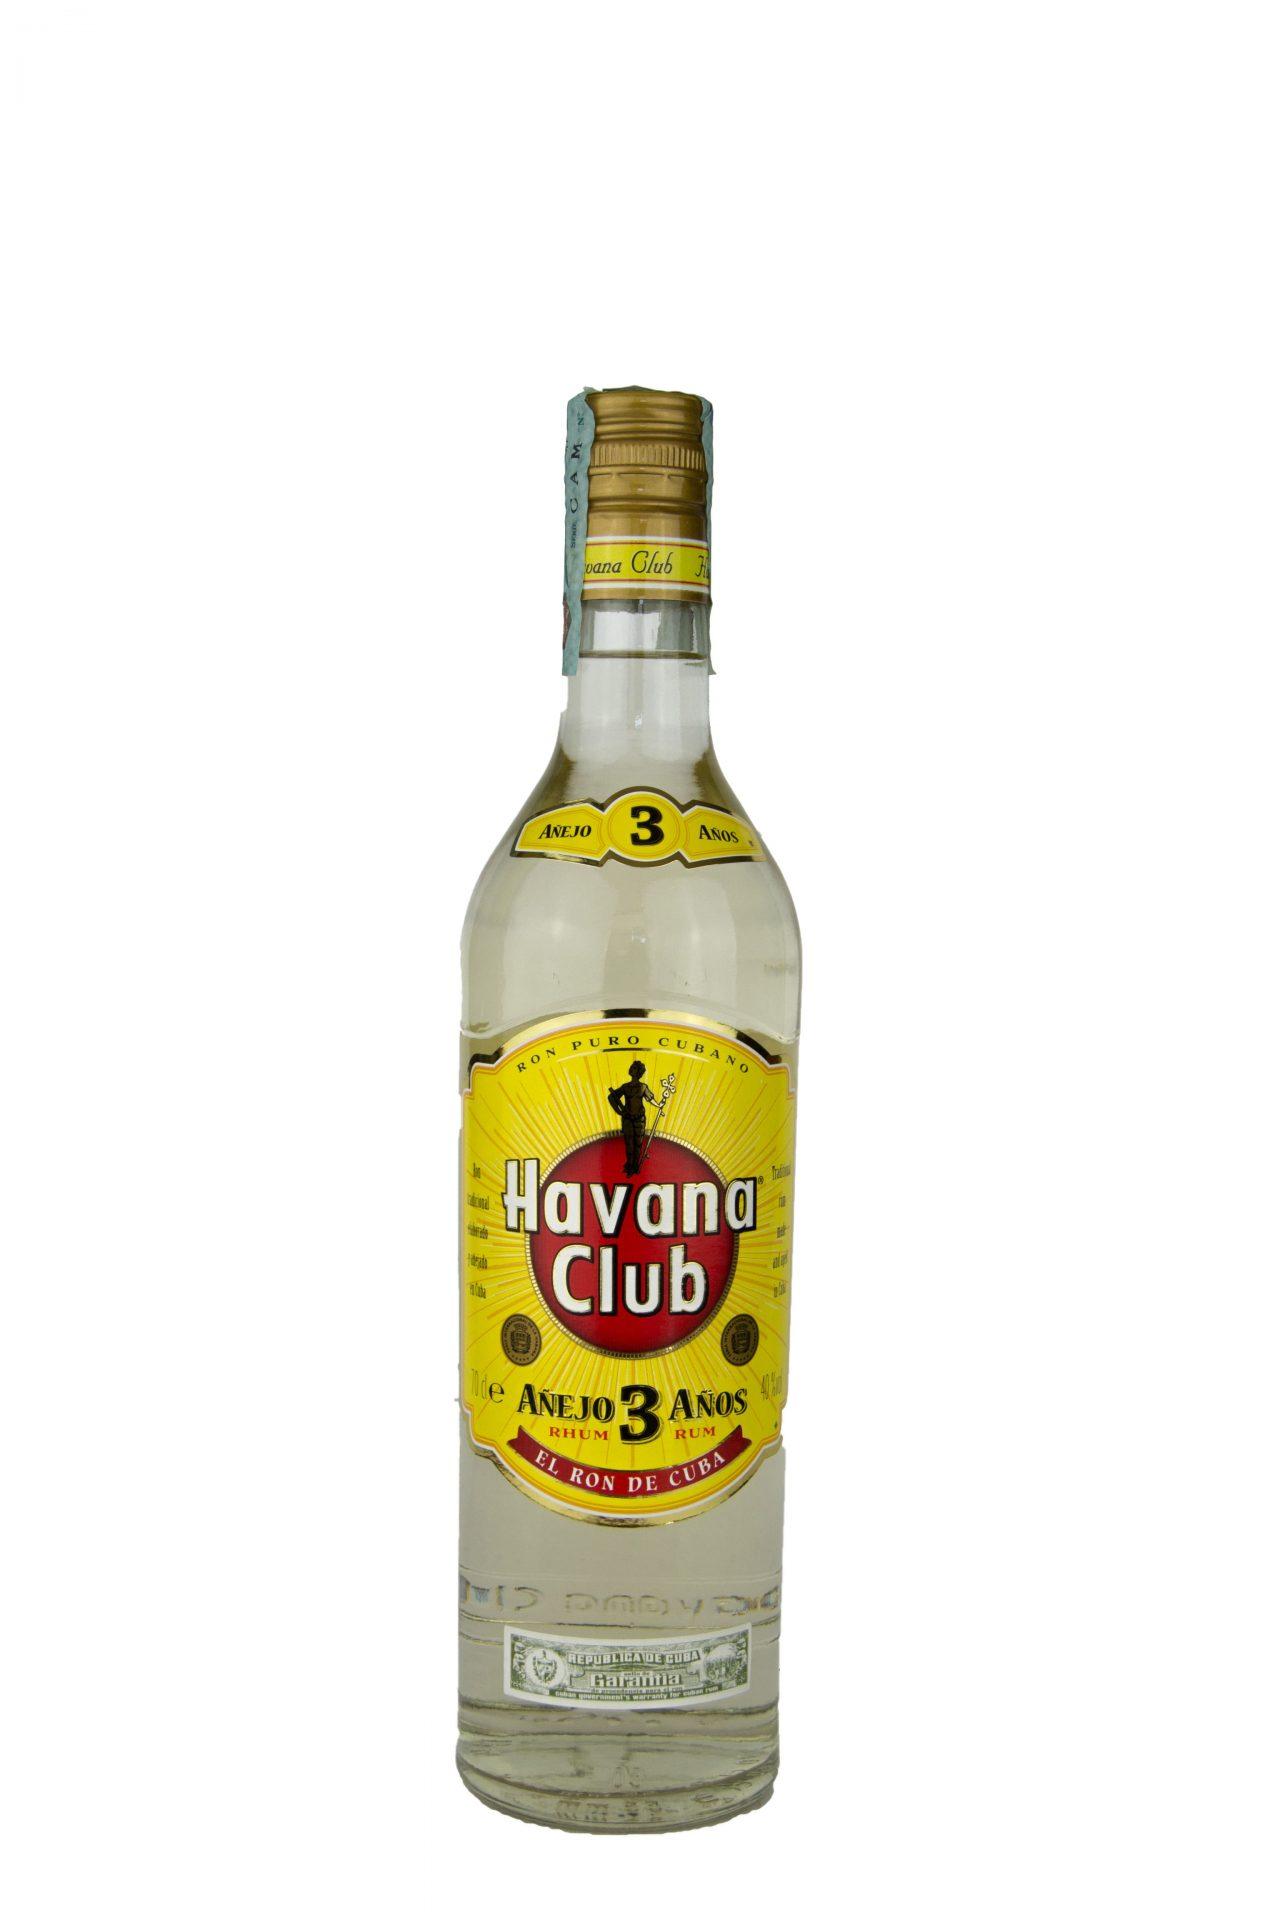 Havana Club – Anejo 3 Anos